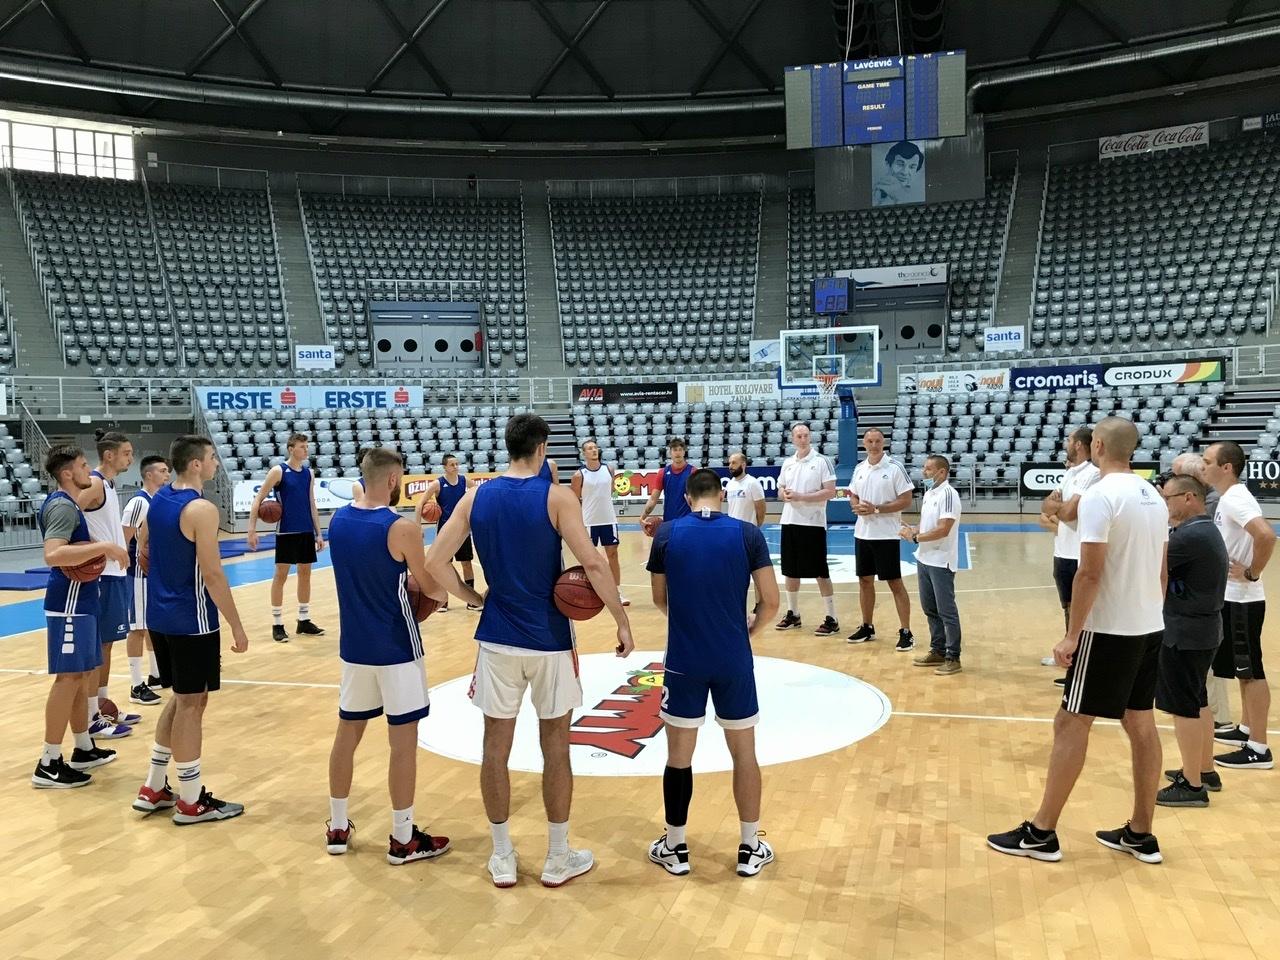 Košarkaši Zadra odradili kažnjenički trening u 6 ujutro, novčanih kazni (još) nema